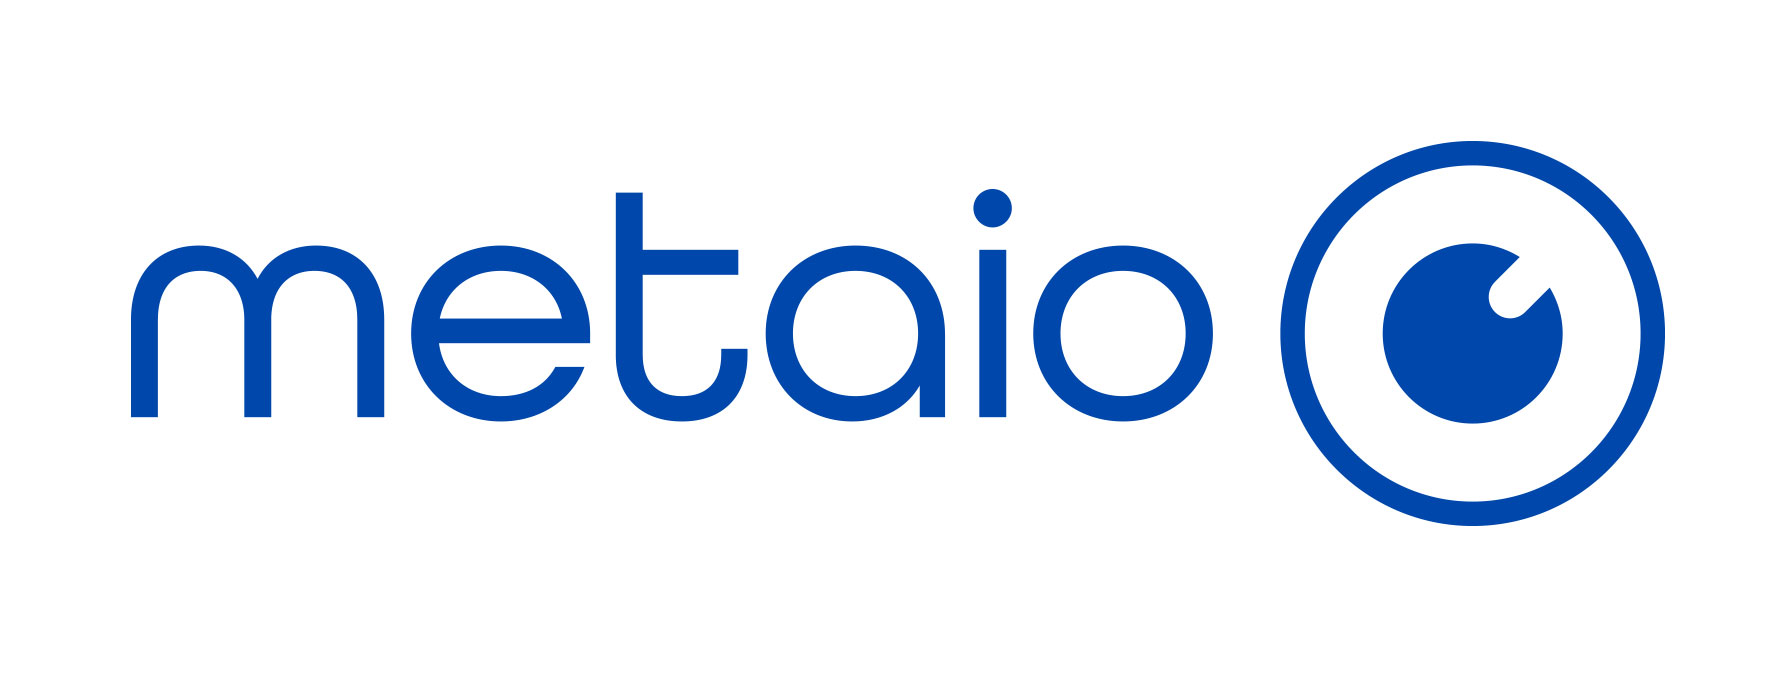 metaio-logo_classic-blue.jpg